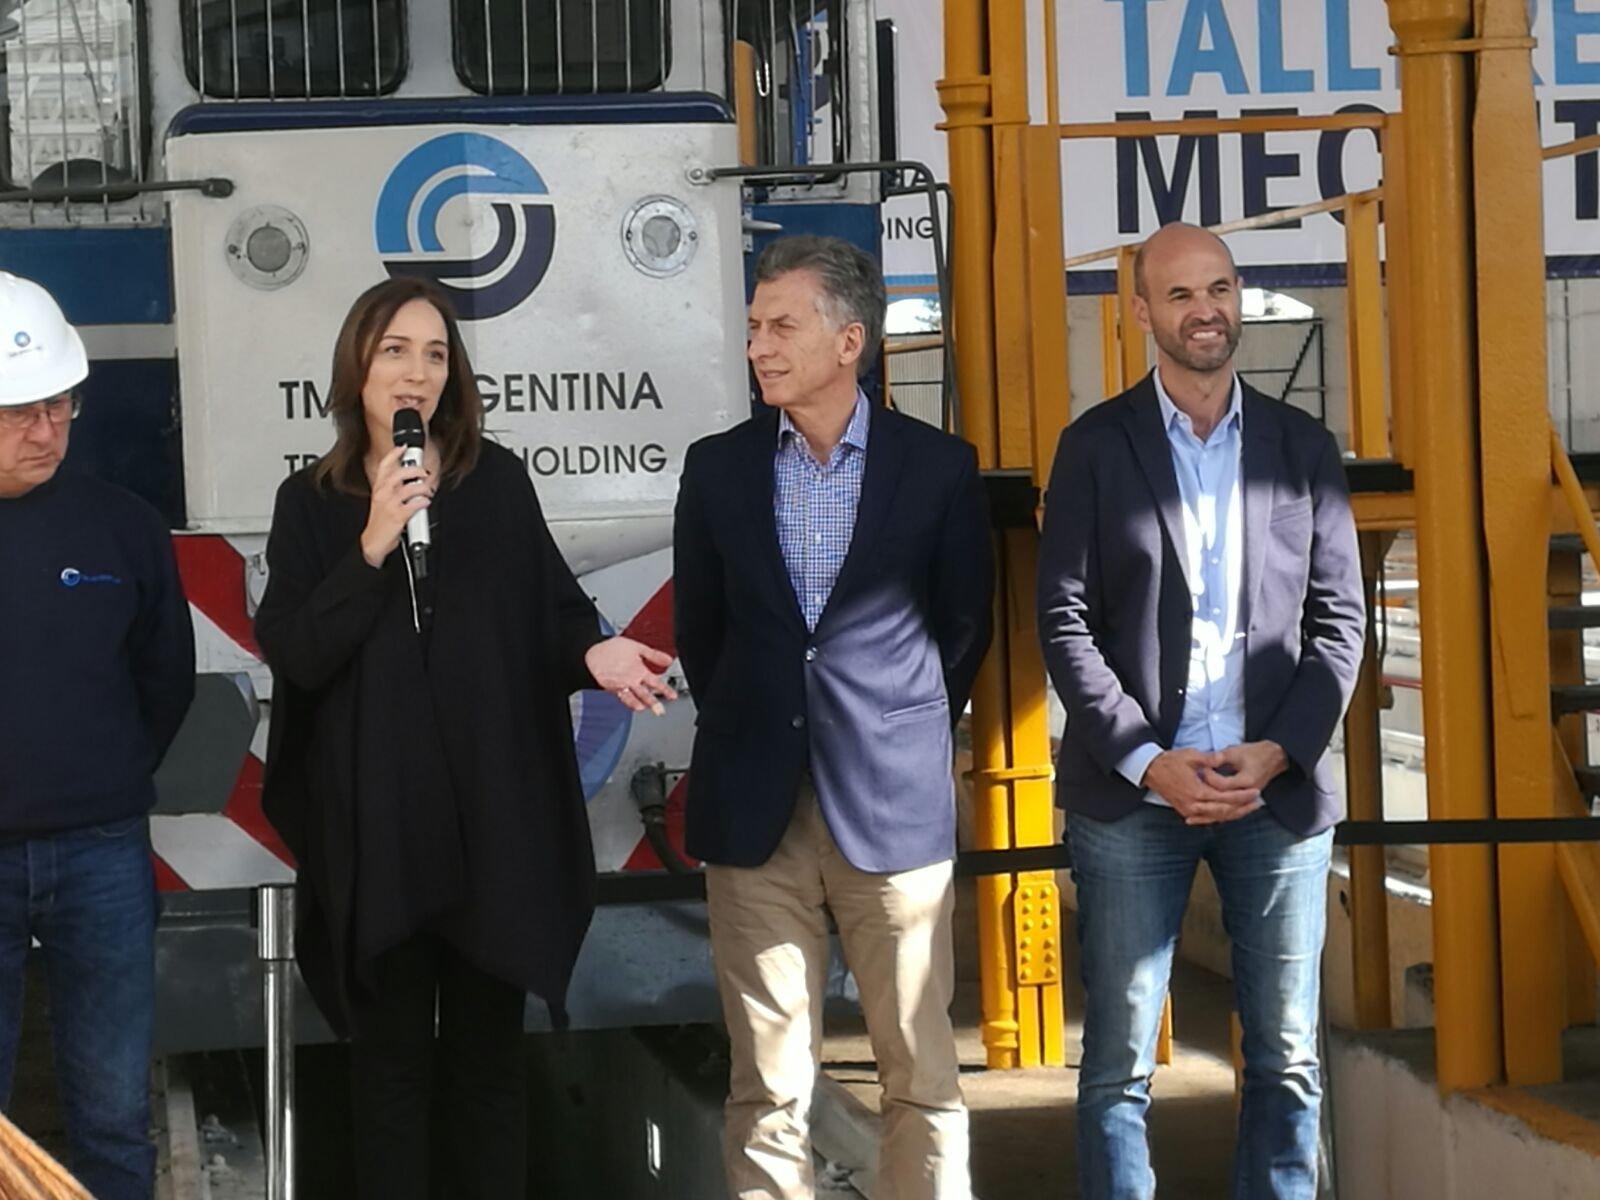 María Eugenia Vidal, gobernadora de la provincia de Buenos Aires agradece a la empresa rusa TMH por invertir en Mechita